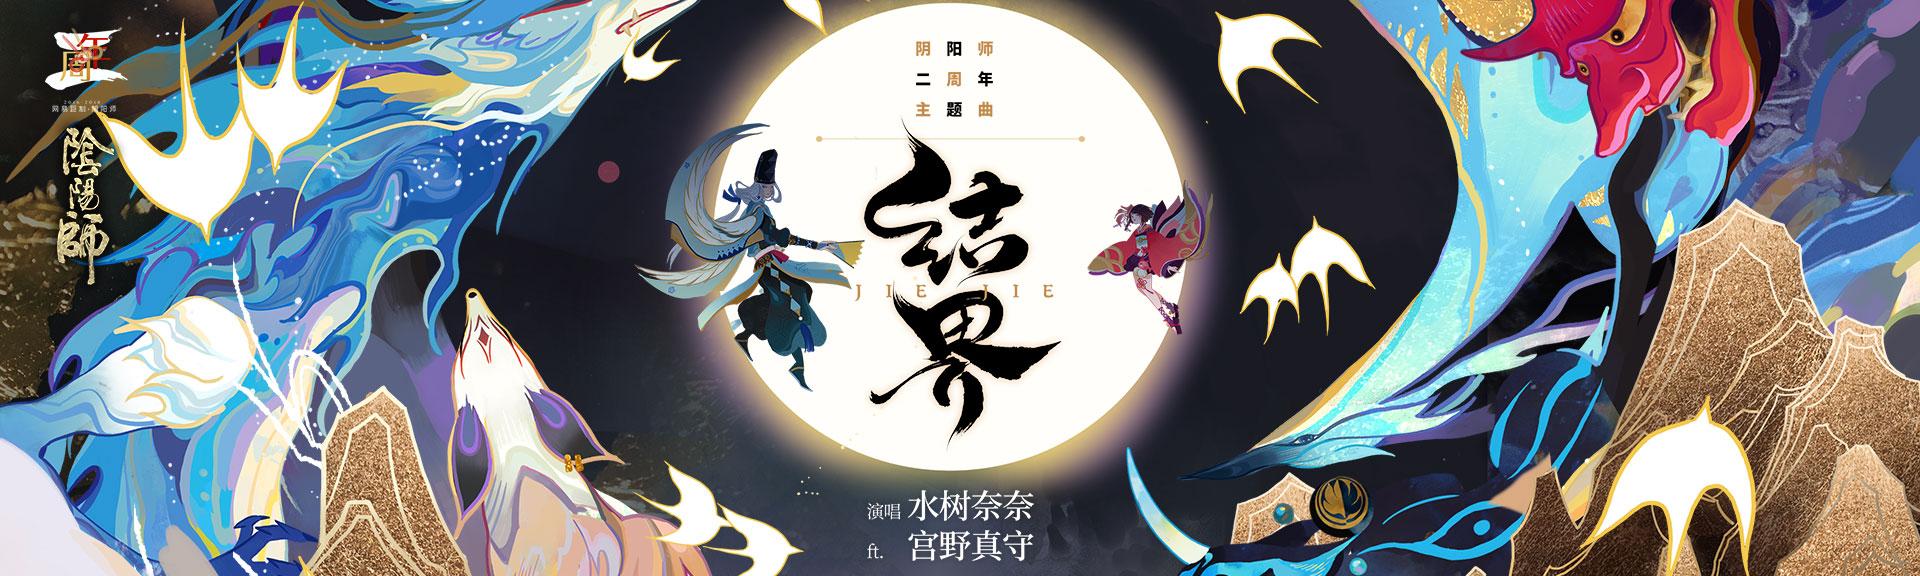 爆燃!阴阳师二周年主题曲《结界》先行版公开